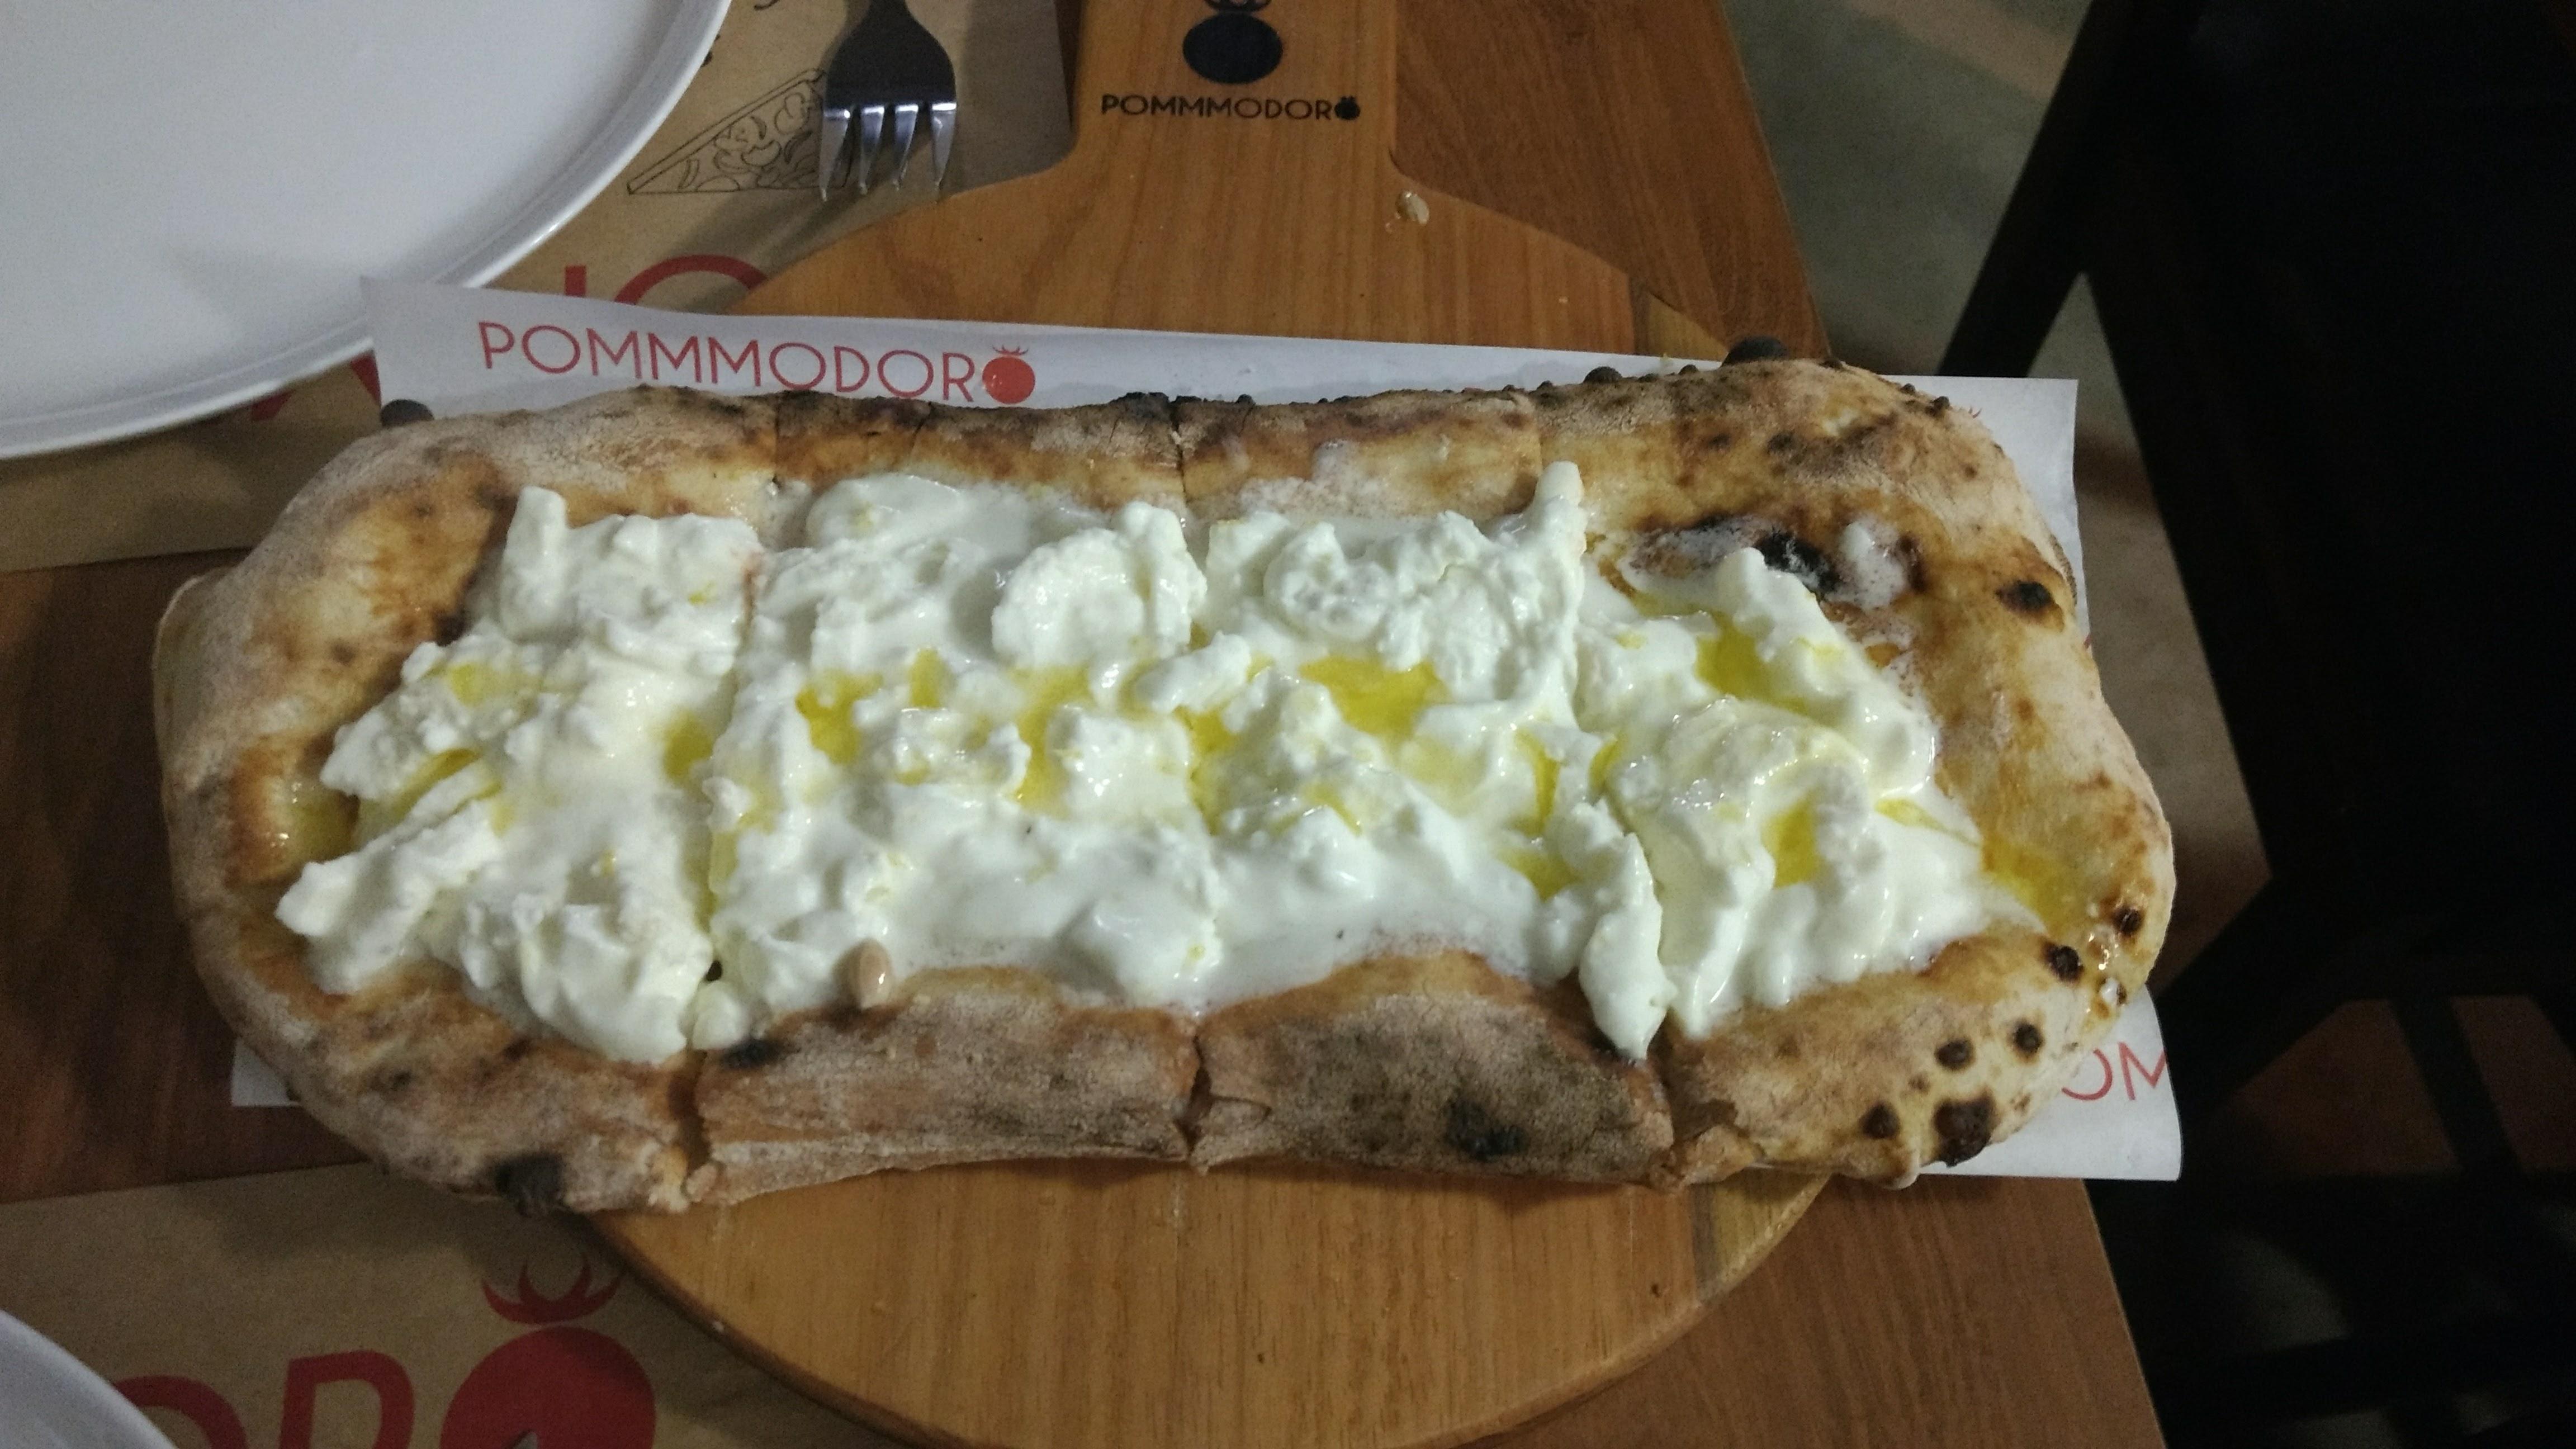 Focaccia de stracciatella com raspas de limão siciliano. Foto: Daniella Valentin